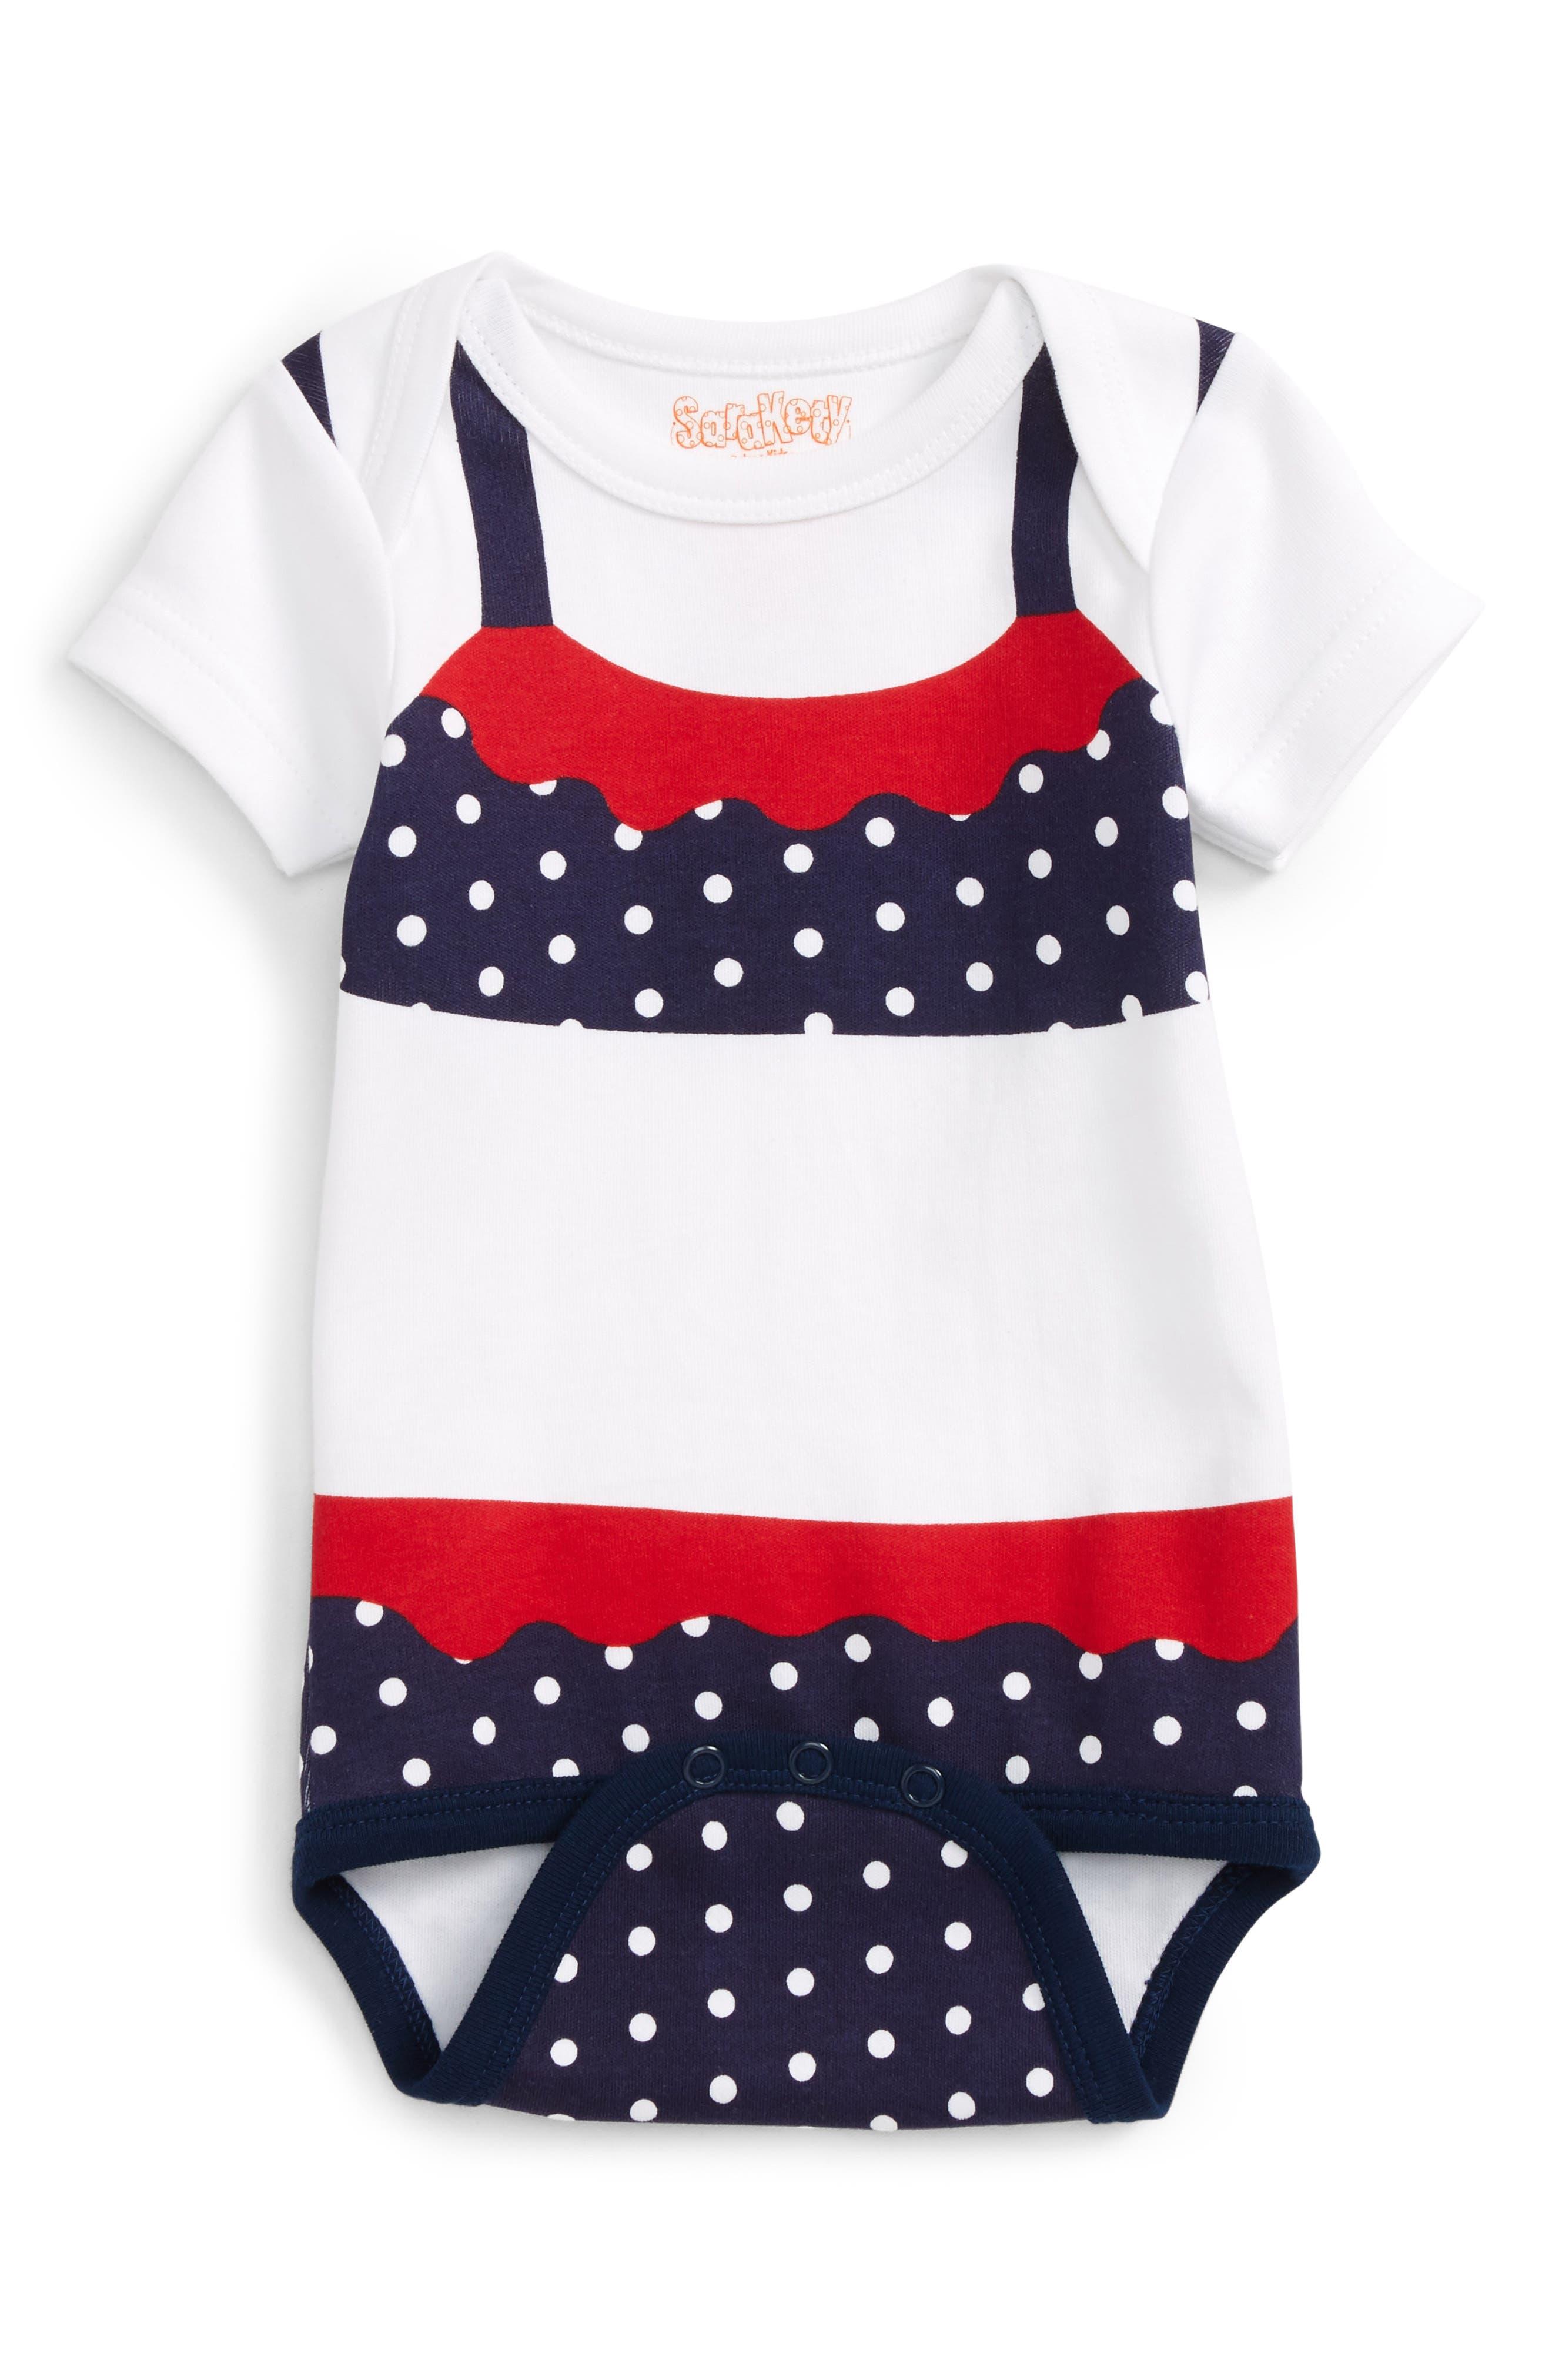 Sara Kety Baby & Kids Polka Dot Bodysuit (Baby Girls)